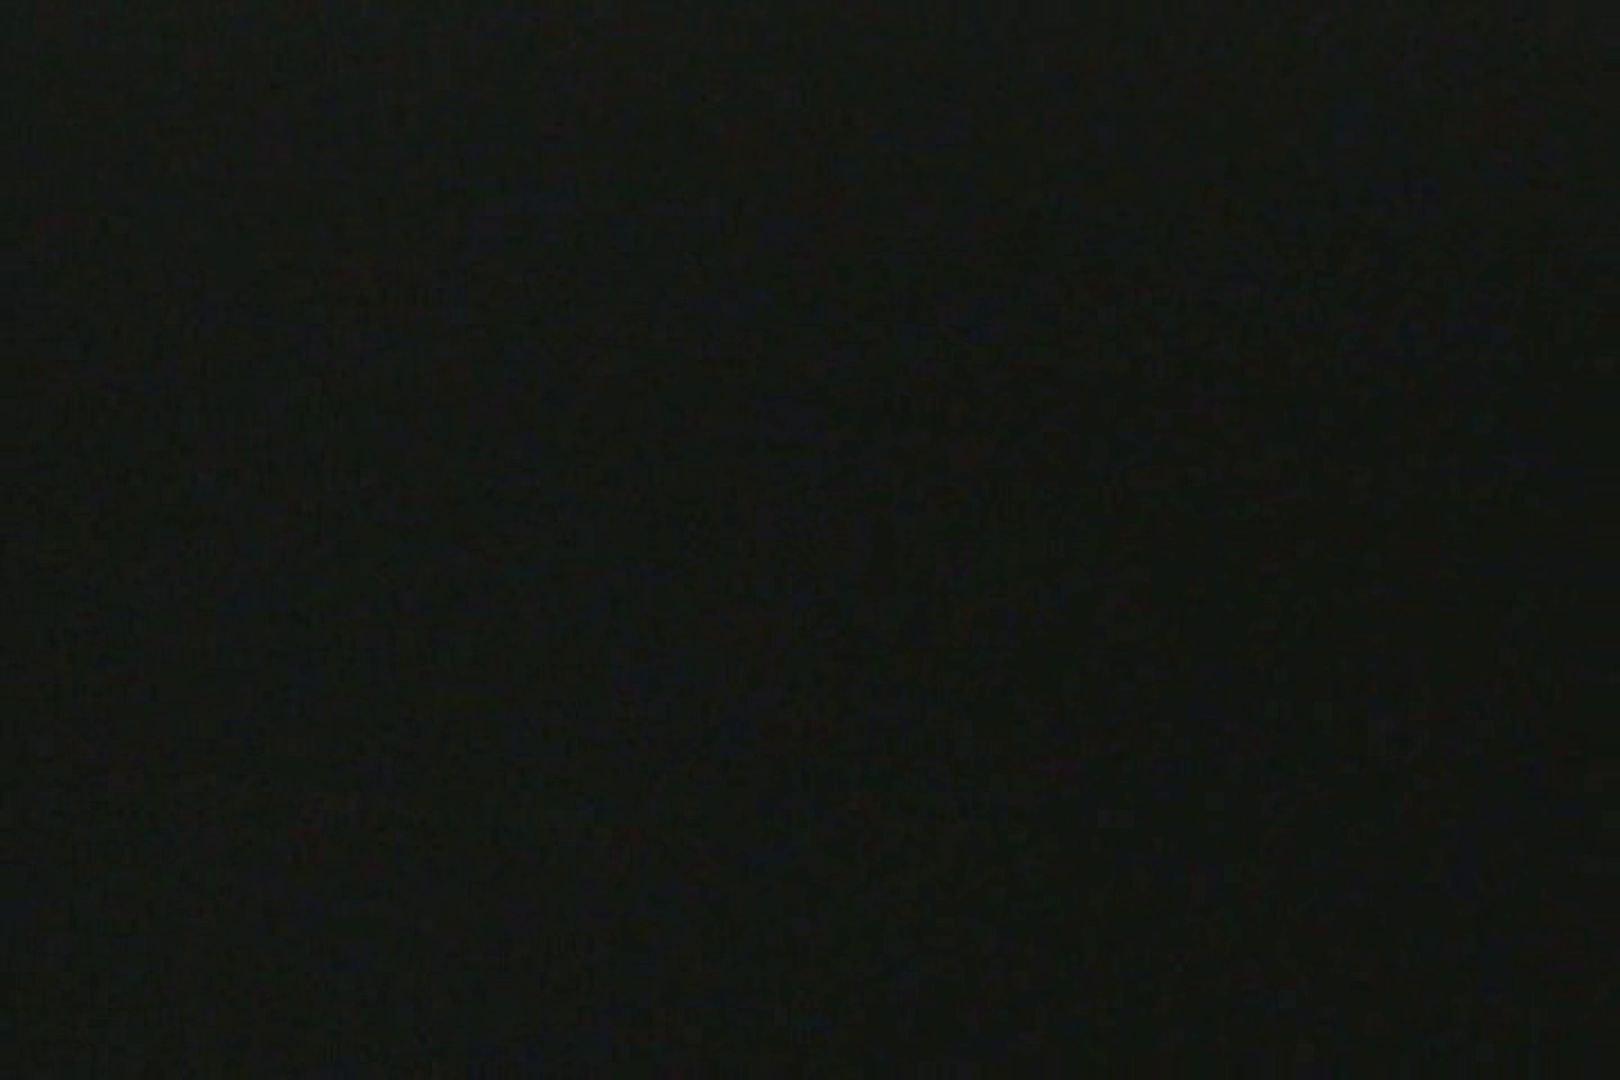 彼氏あり20歳春菜Vol.3 ワルノリ  72画像 6